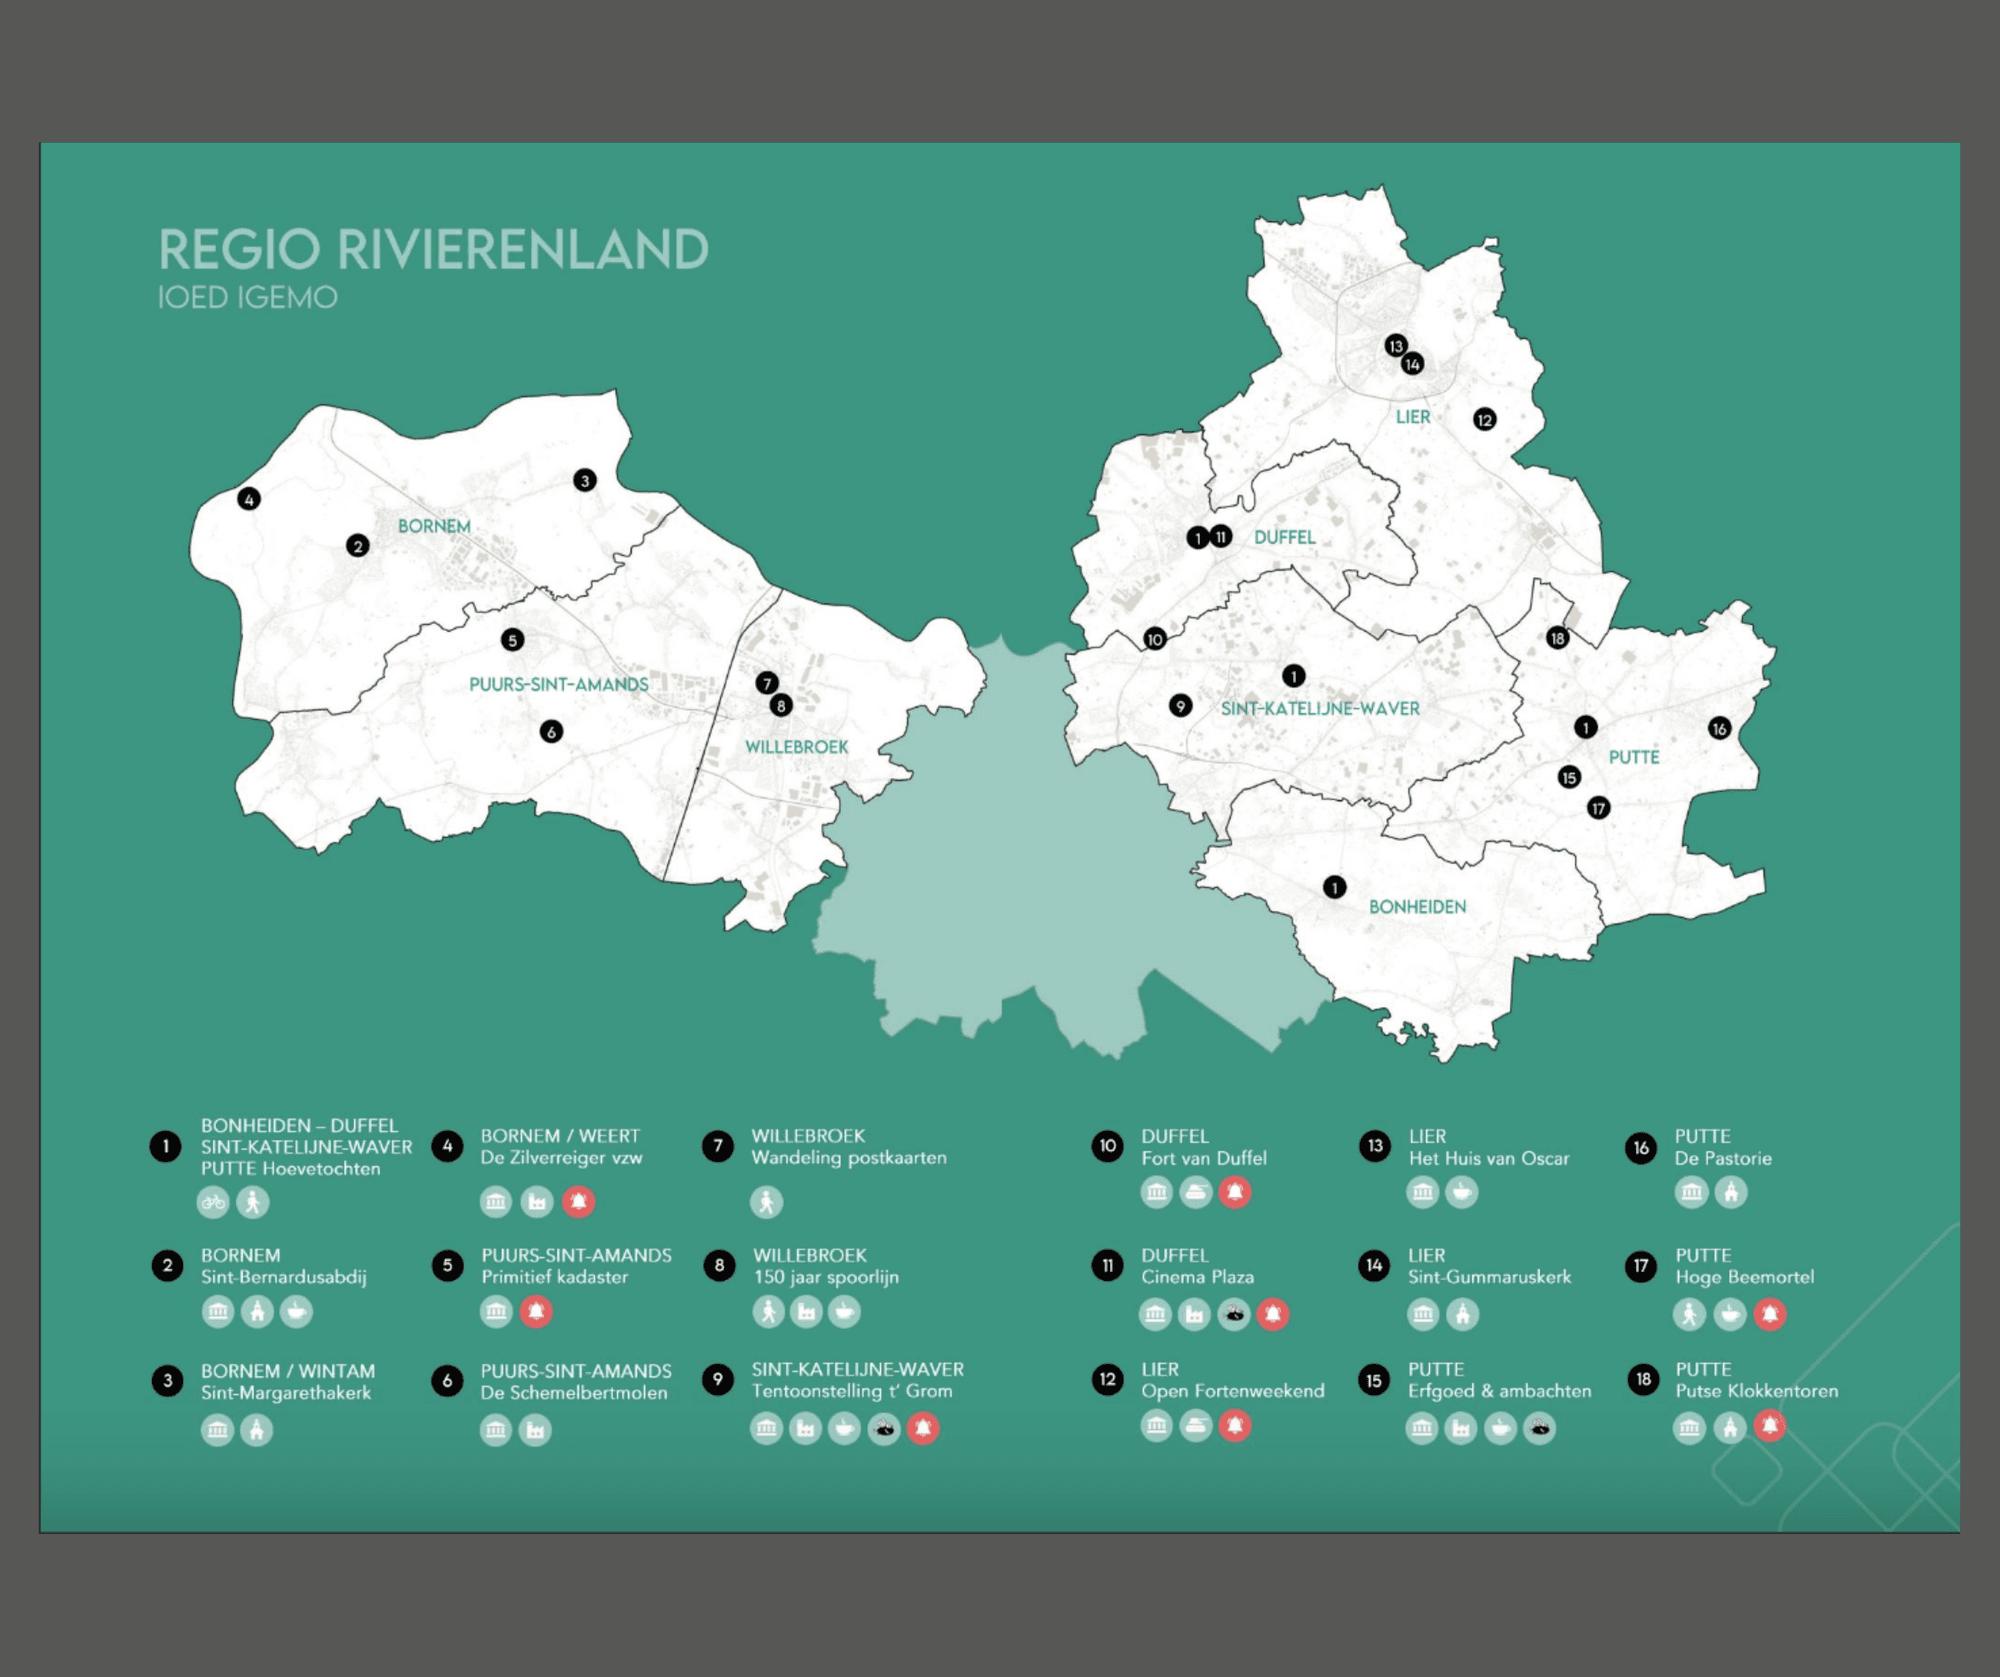 Open Monumentendag: op het programma in de regio Rivierenland